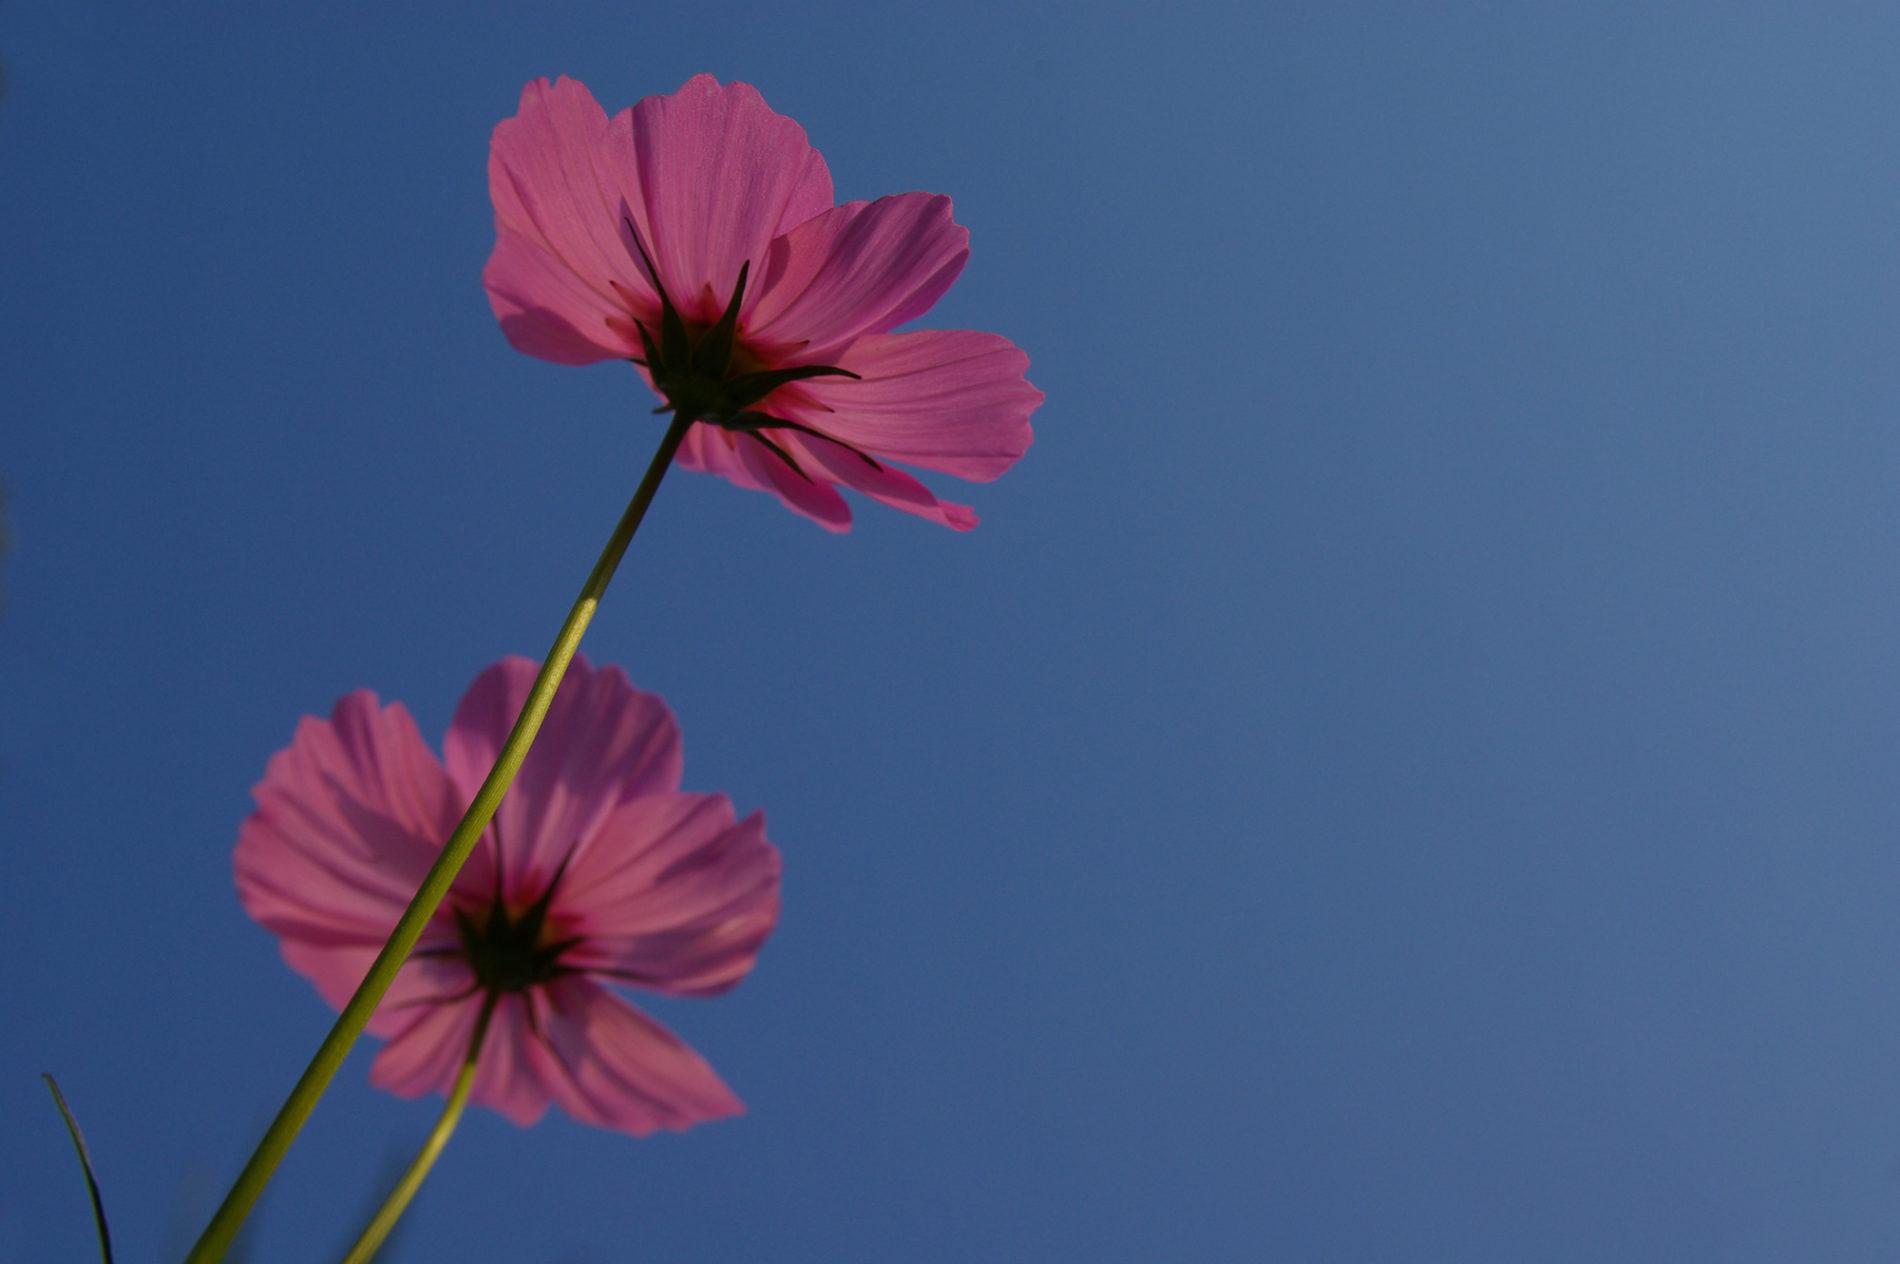 青空とピンクの秋桜(コスモス)